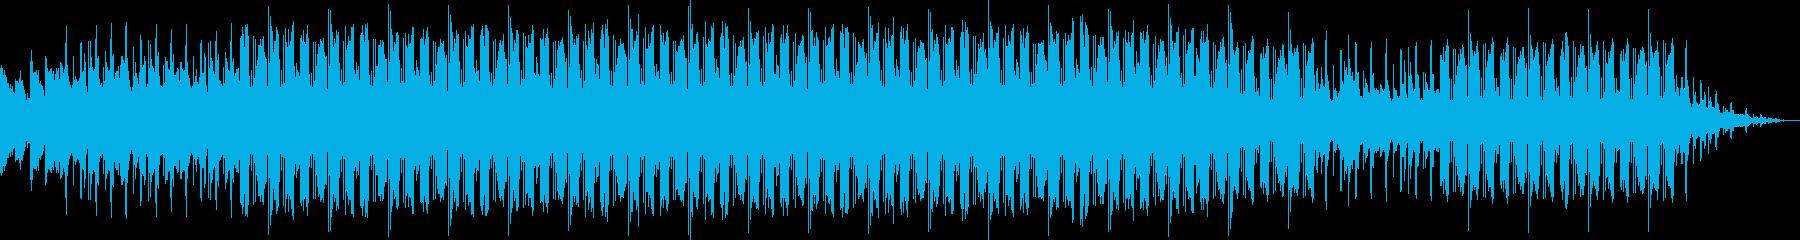 ゆっくりとしたchill beats の再生済みの波形